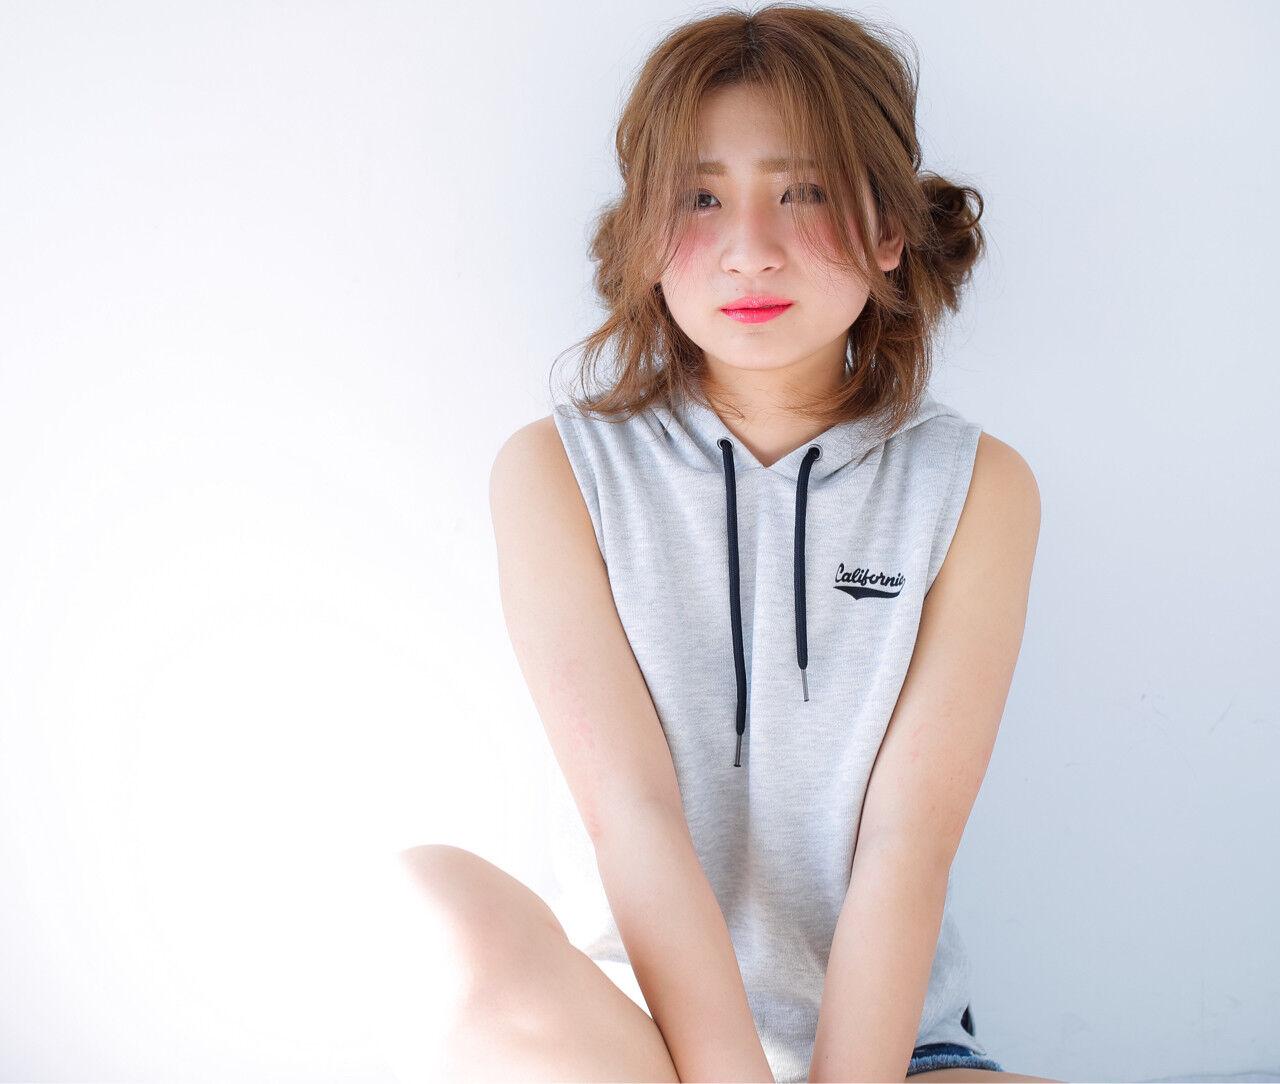 ミディアム ショート ピュア ヘアアレンジヘアスタイルや髪型の写真・画像